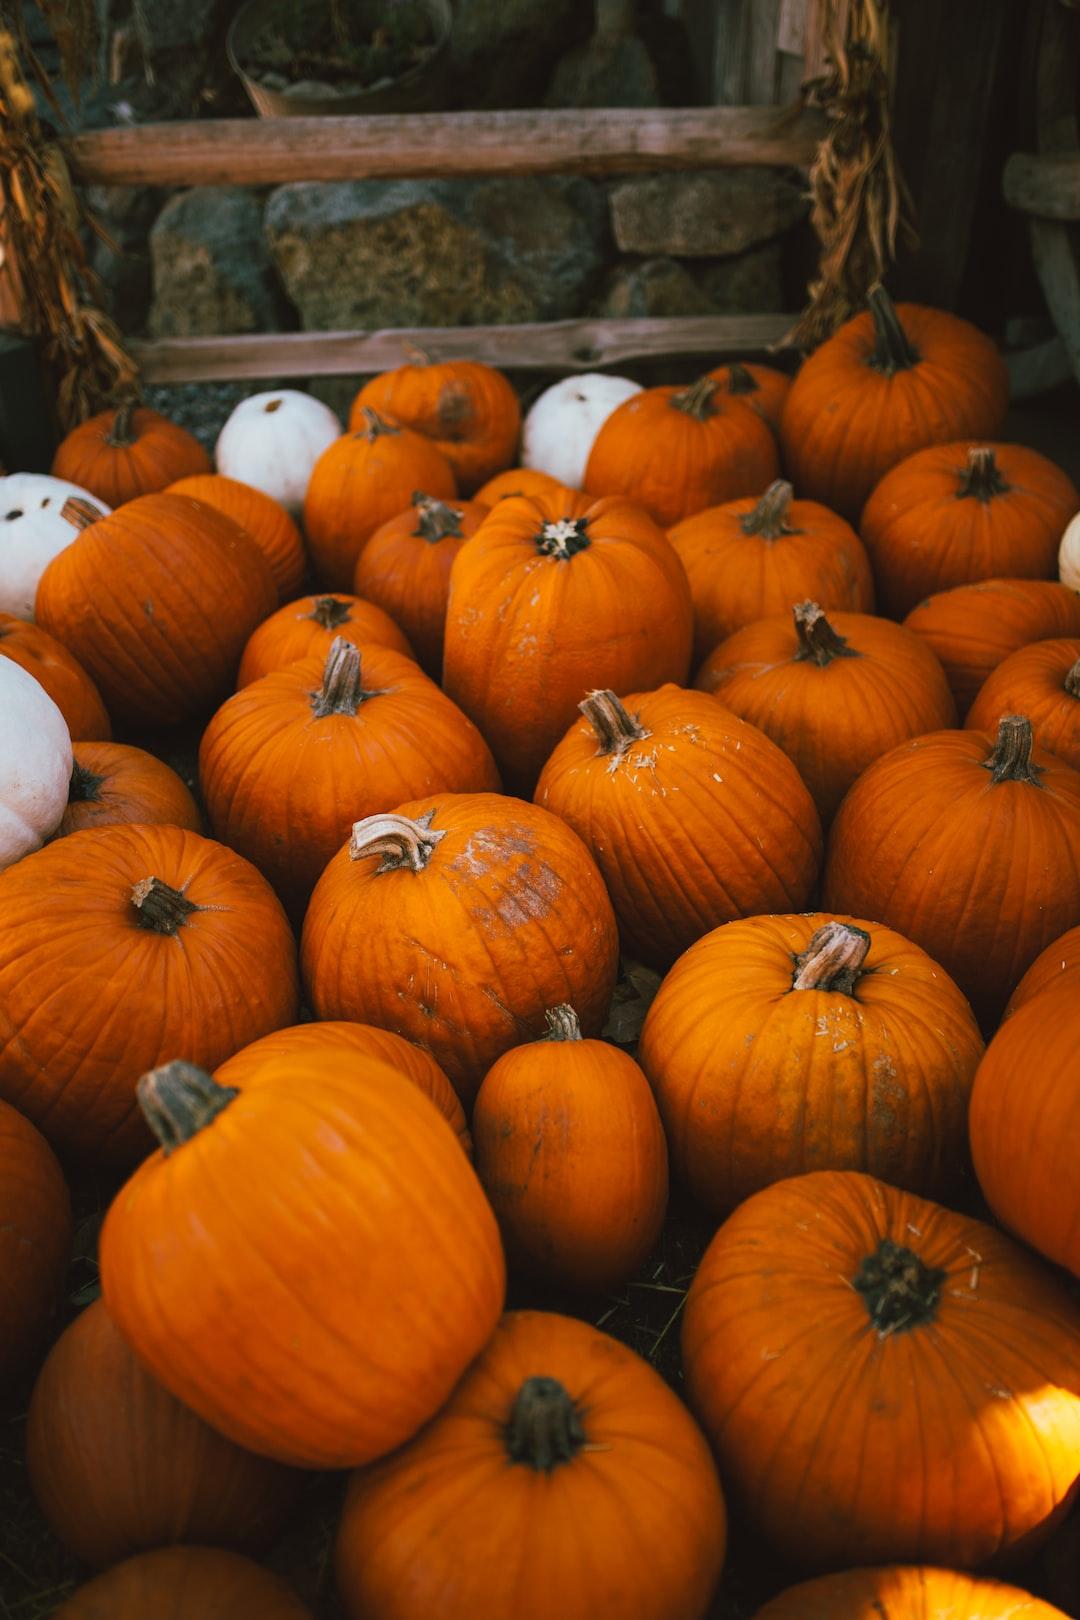 Pumpkins Irvine Regional Park